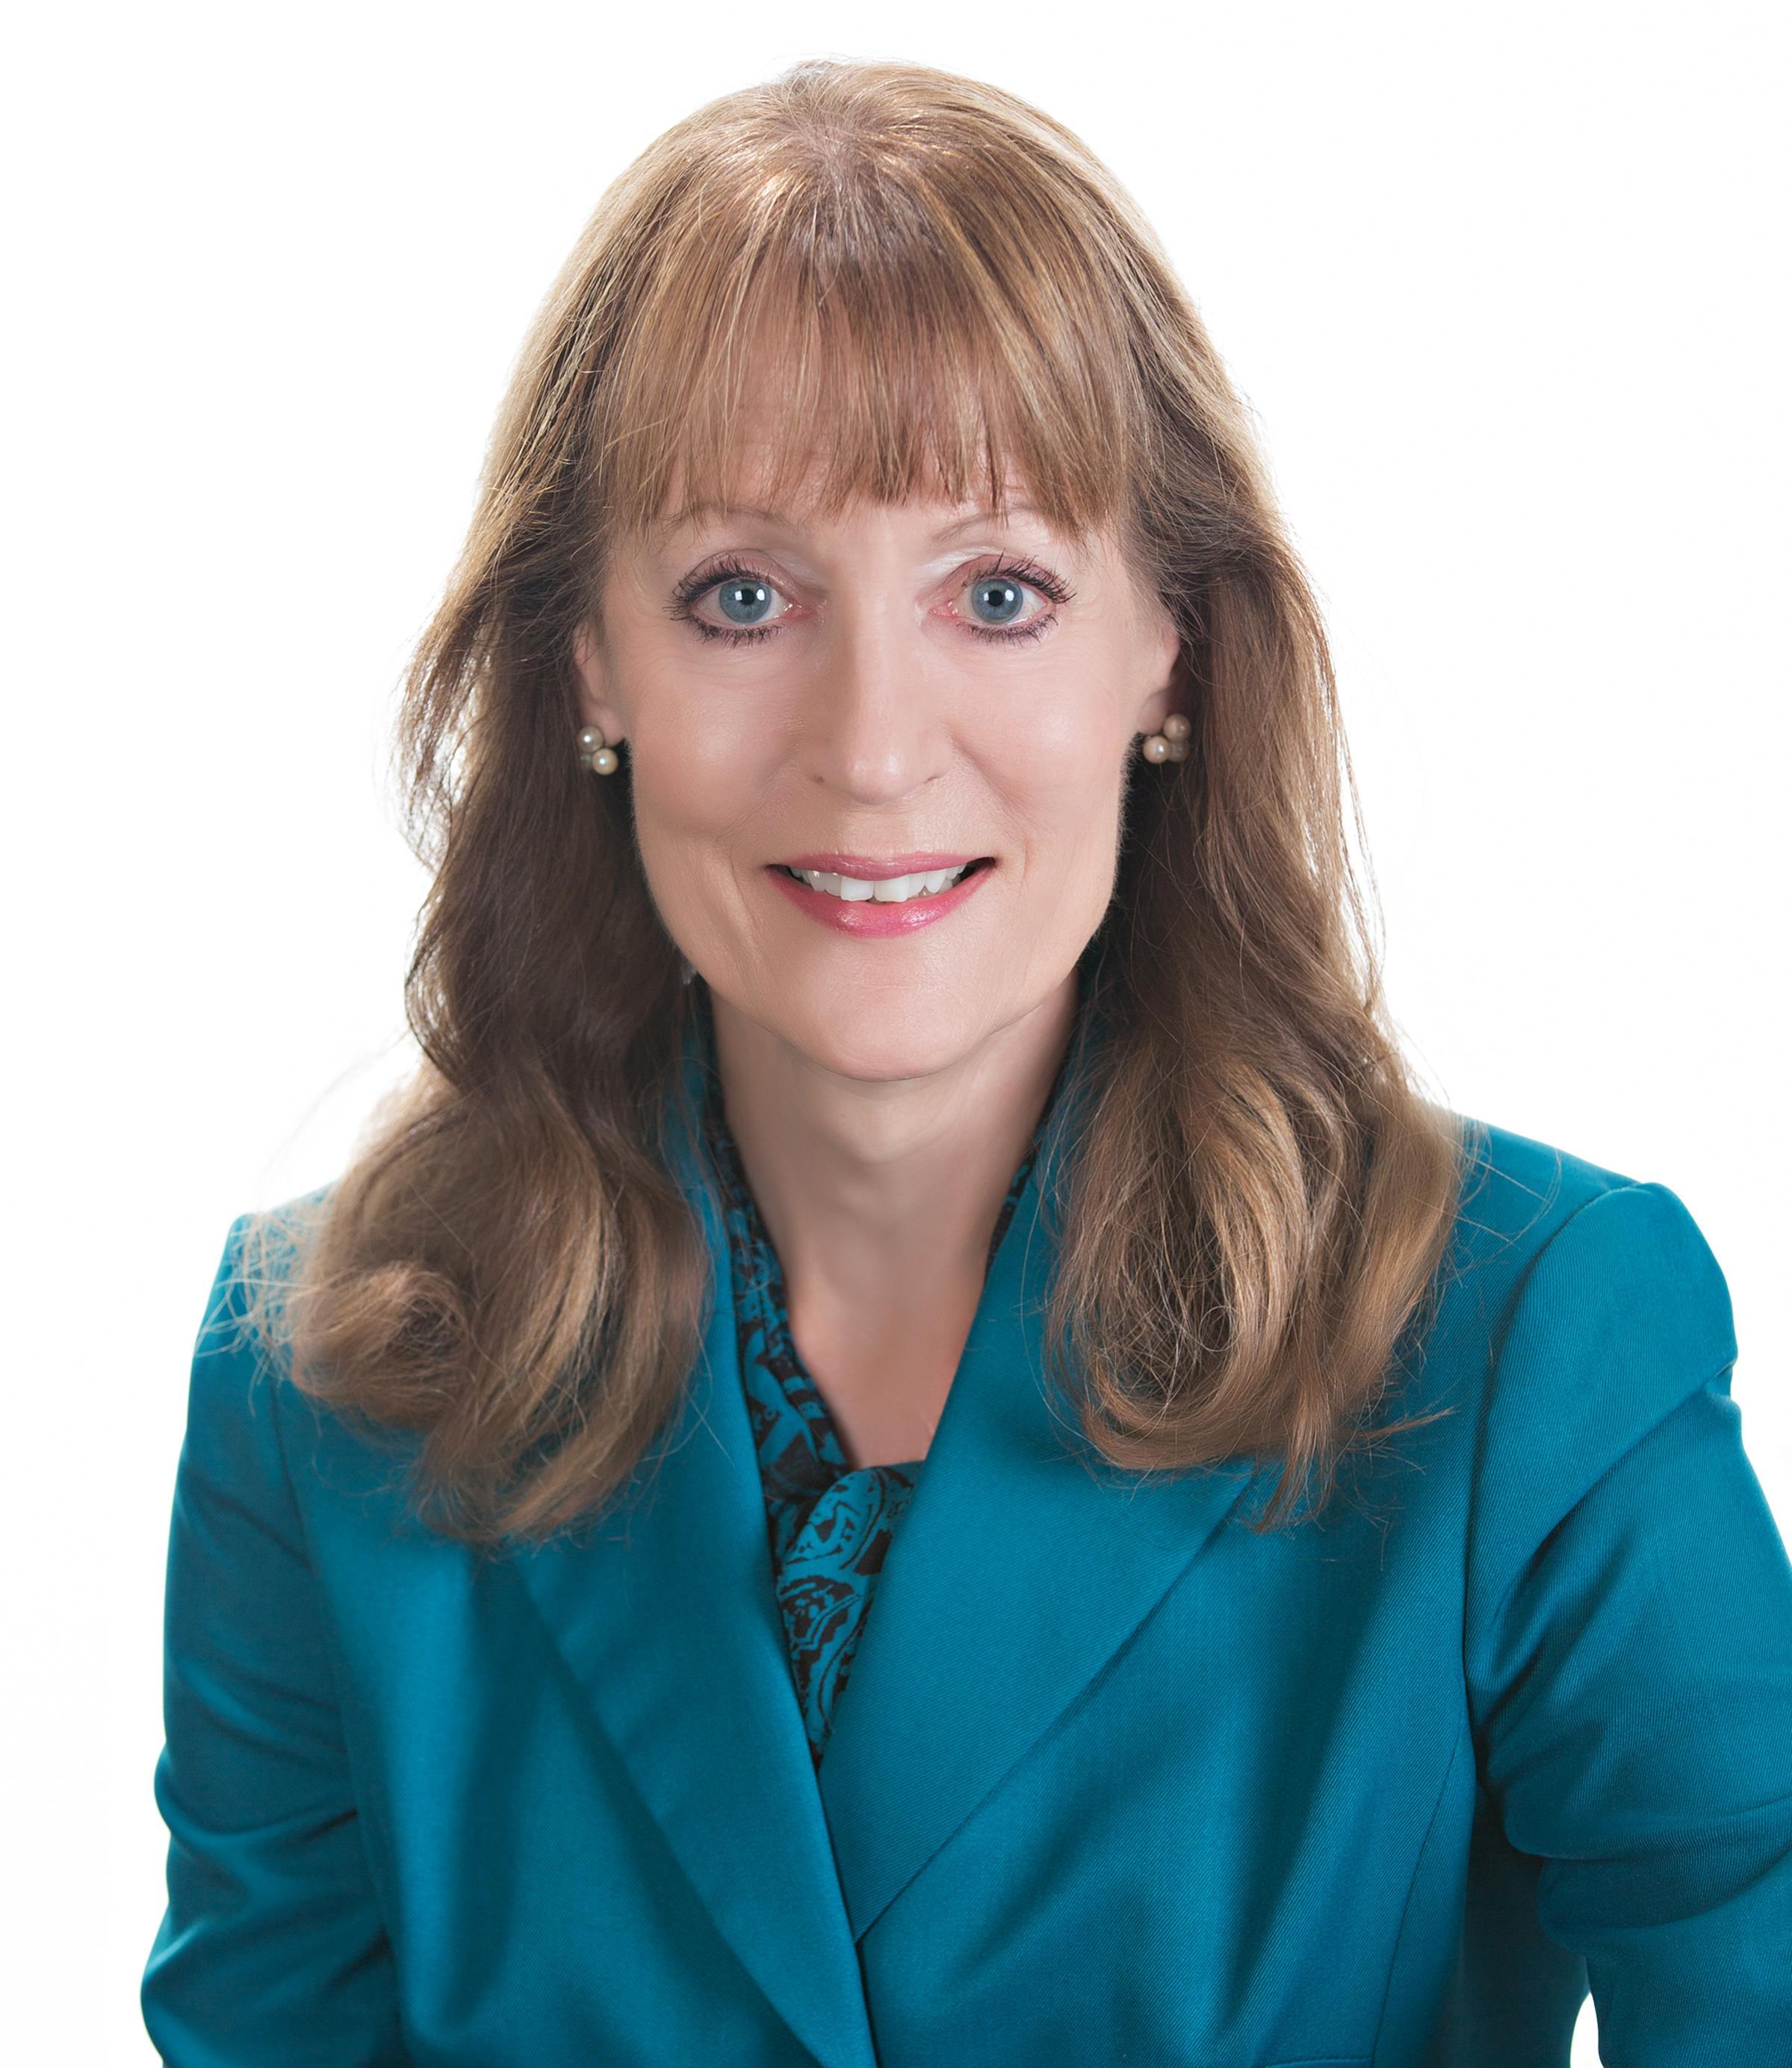 Melinda Chambers